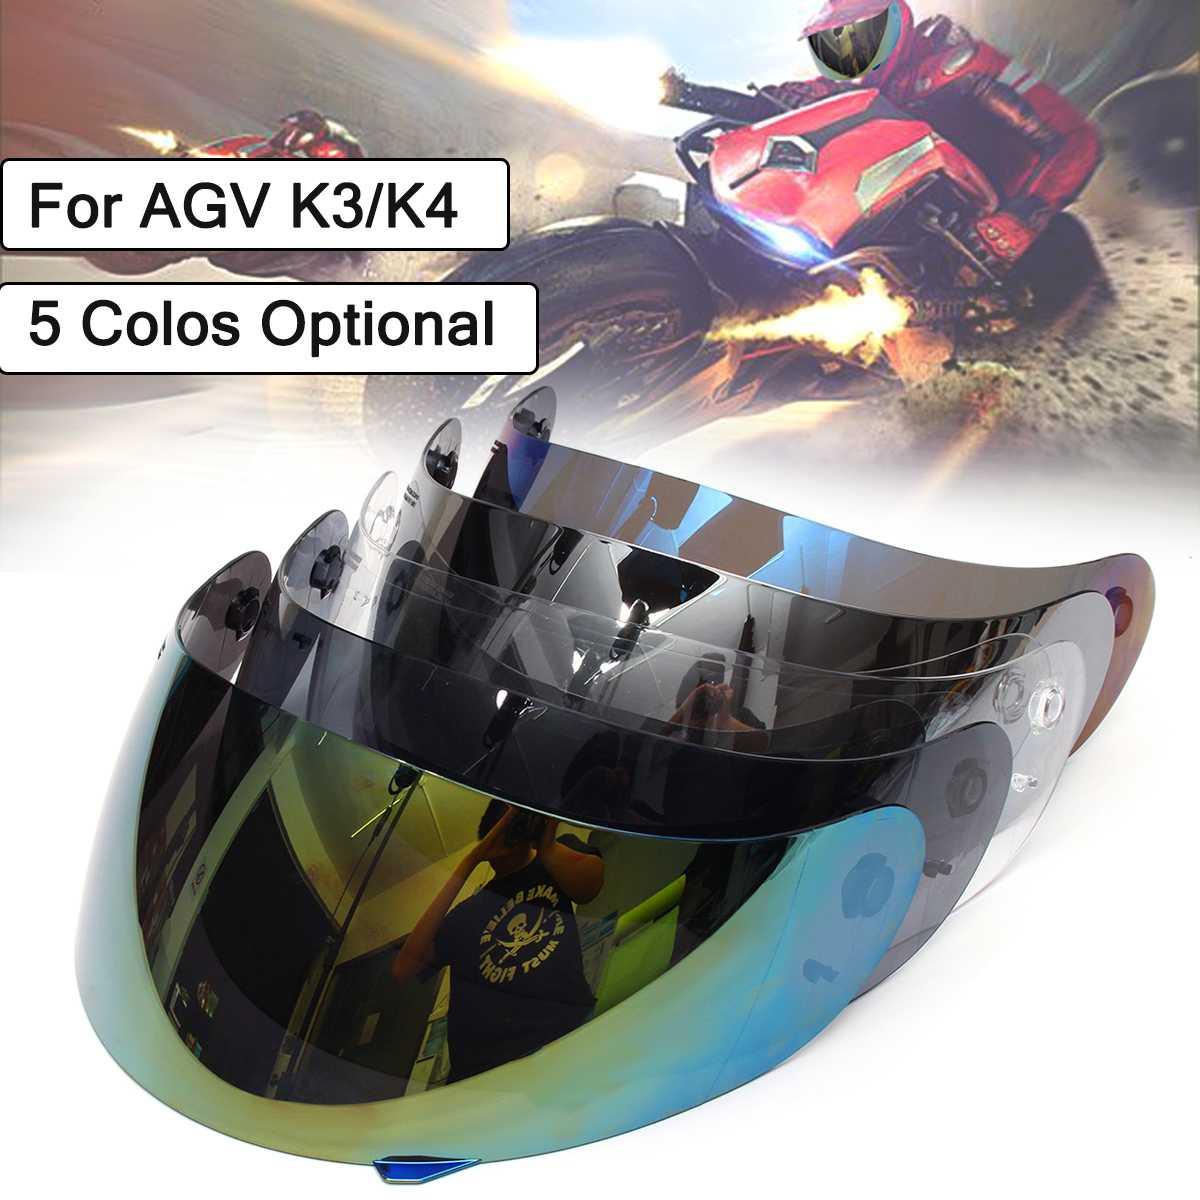 Full Face Shield Motorcycle Helmet Visor Lens Shield For AGV K3 K4 Motocross Helmet Motorbike Helmets Sun VisorFull Face Shield Motorcycle Helmet Visor Lens Shield For AGV K3 K4 Motocross Helmet Motorbike Helmets Sun Visor